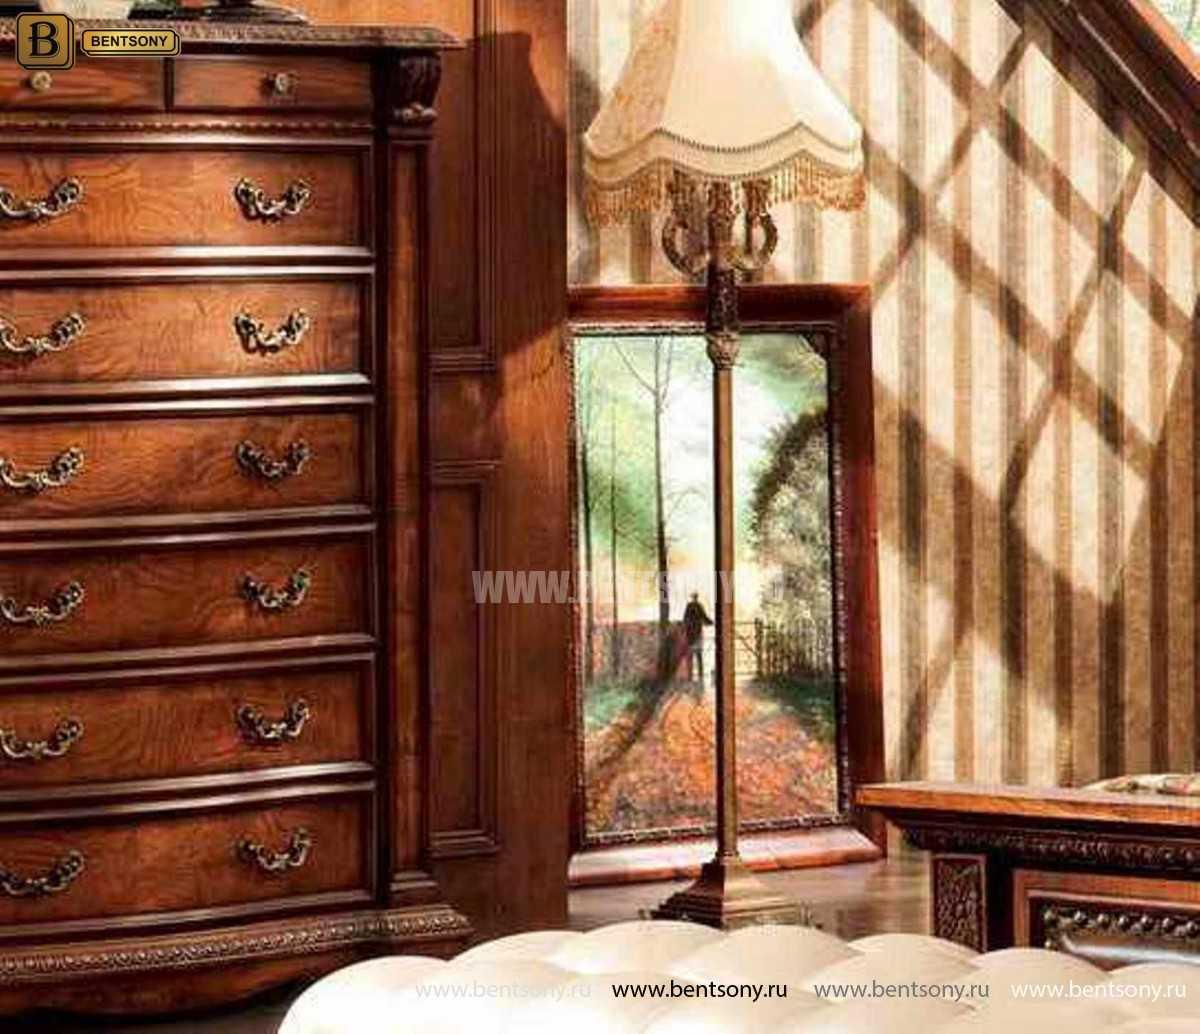 Комод Монтана Высокий (массив дерева, классика) для загородного дома